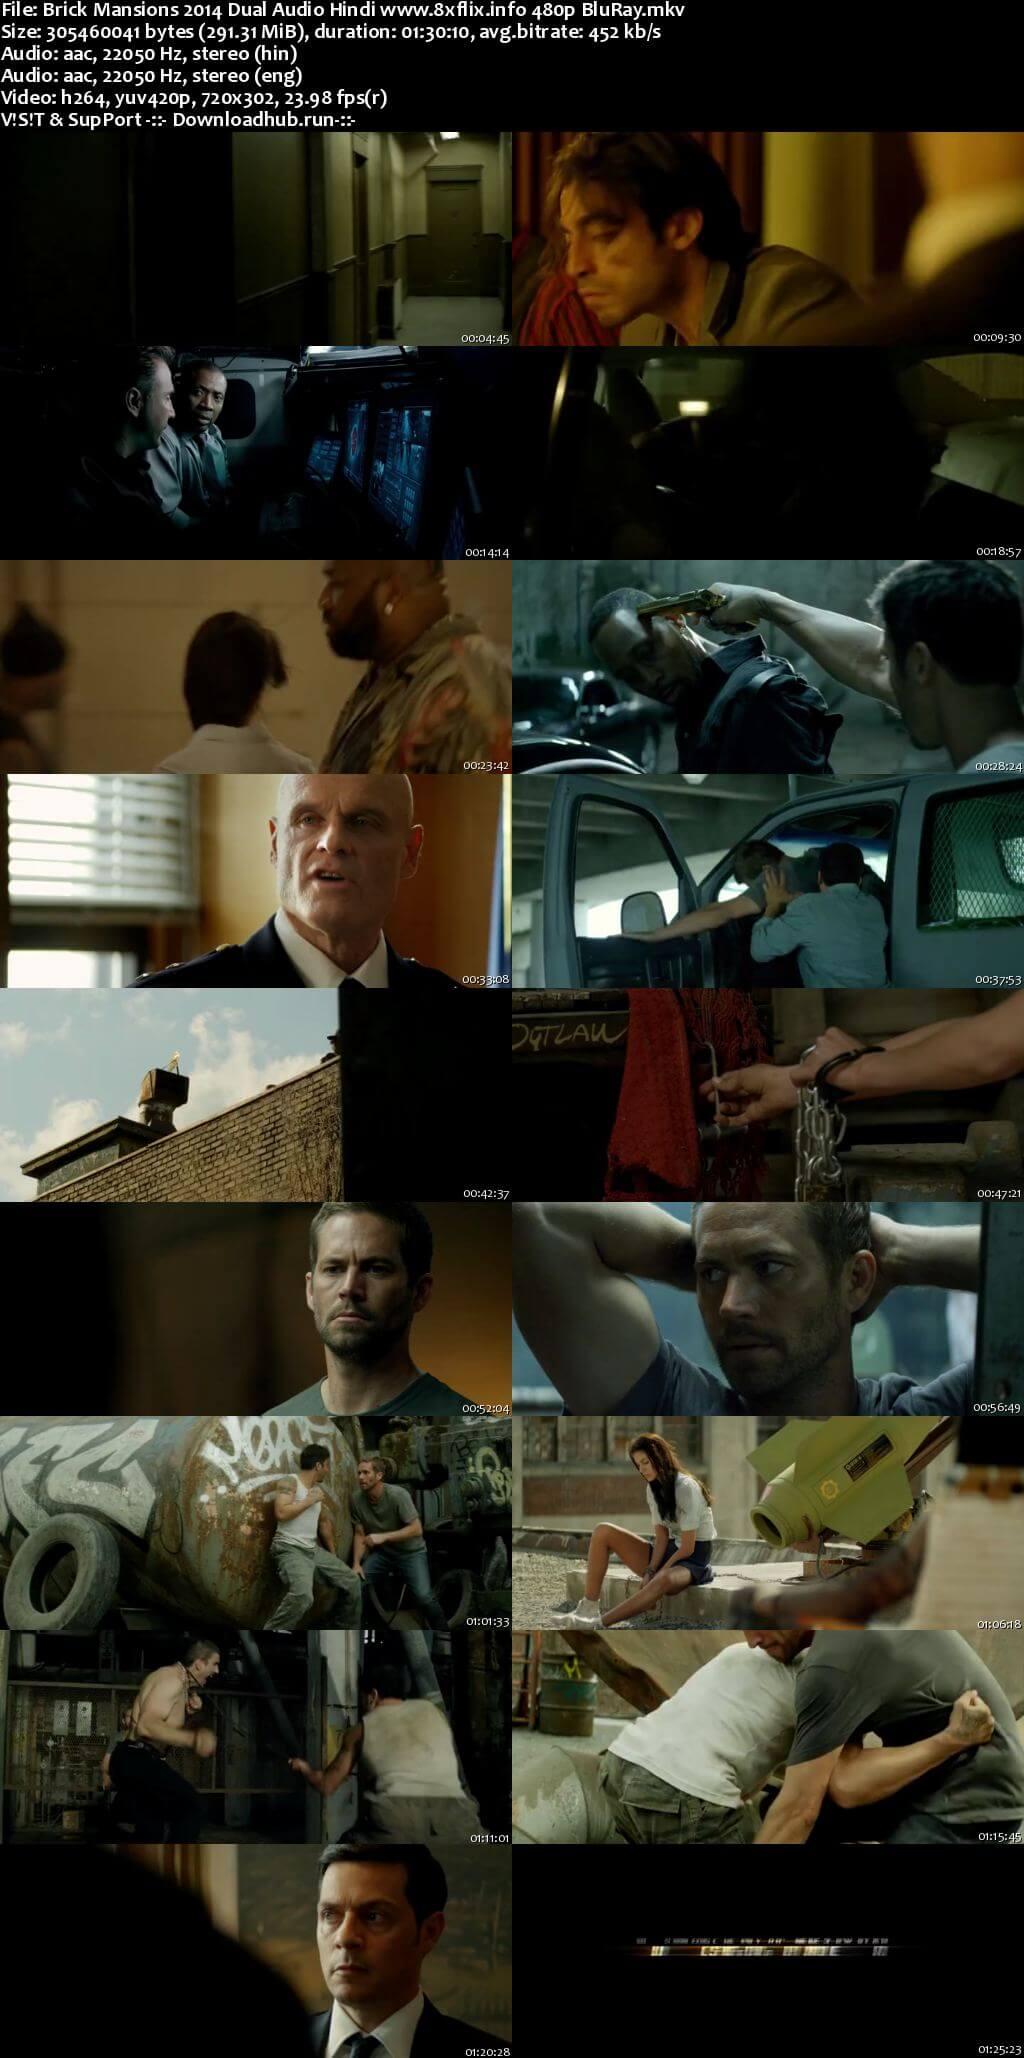 Brick Mansions 2014 Hindi Dual Audio 280MB BluRay 480p ESubs